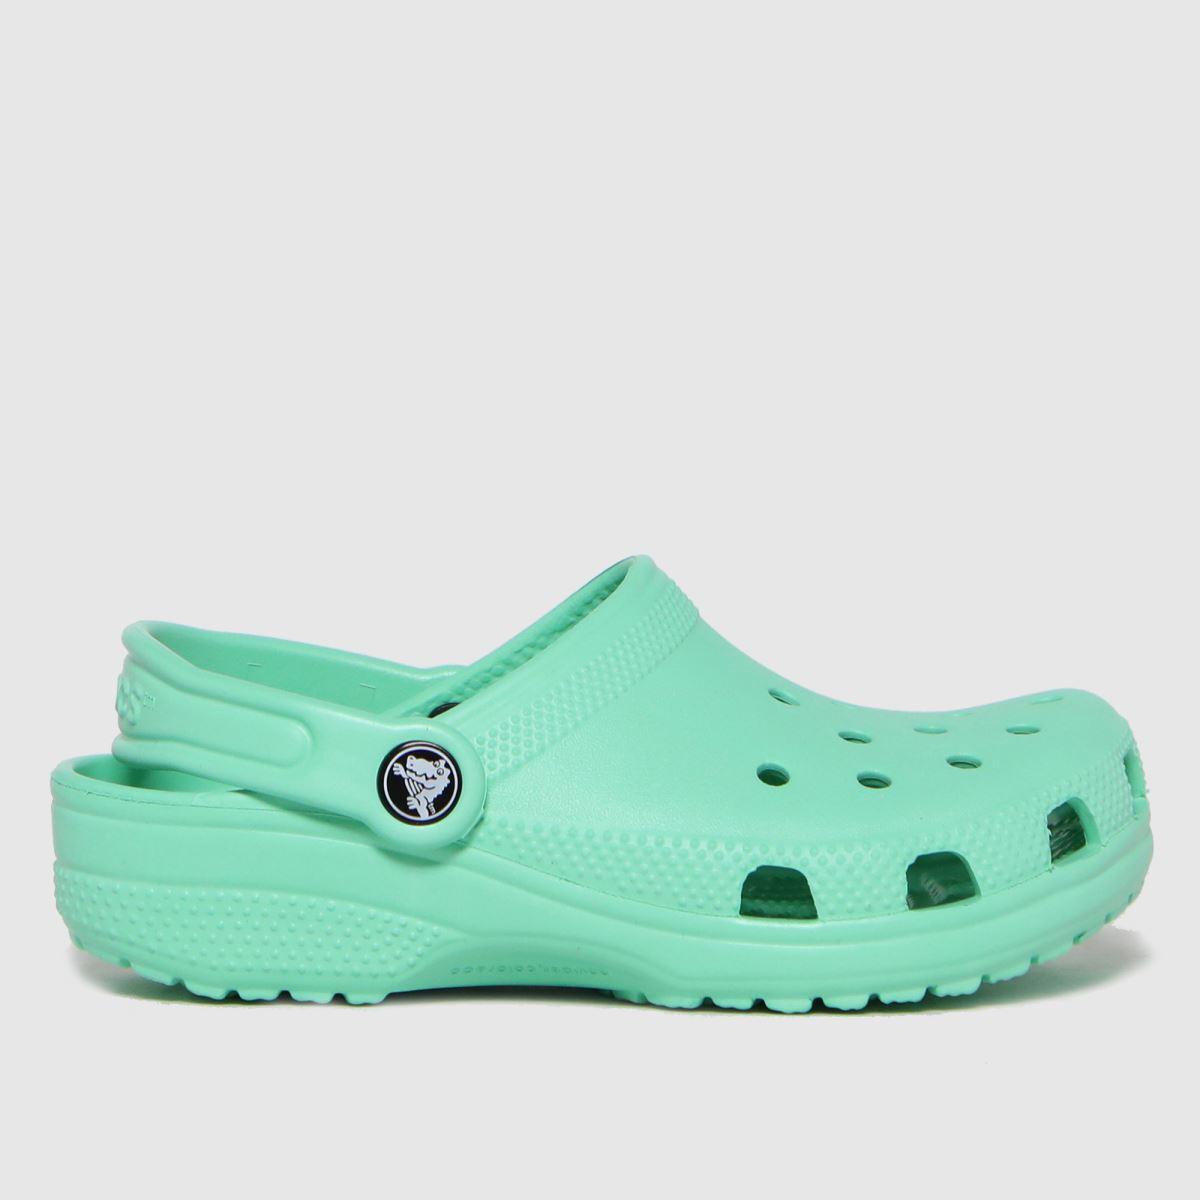 Crocs Green Classic Clog SANDAL Junior